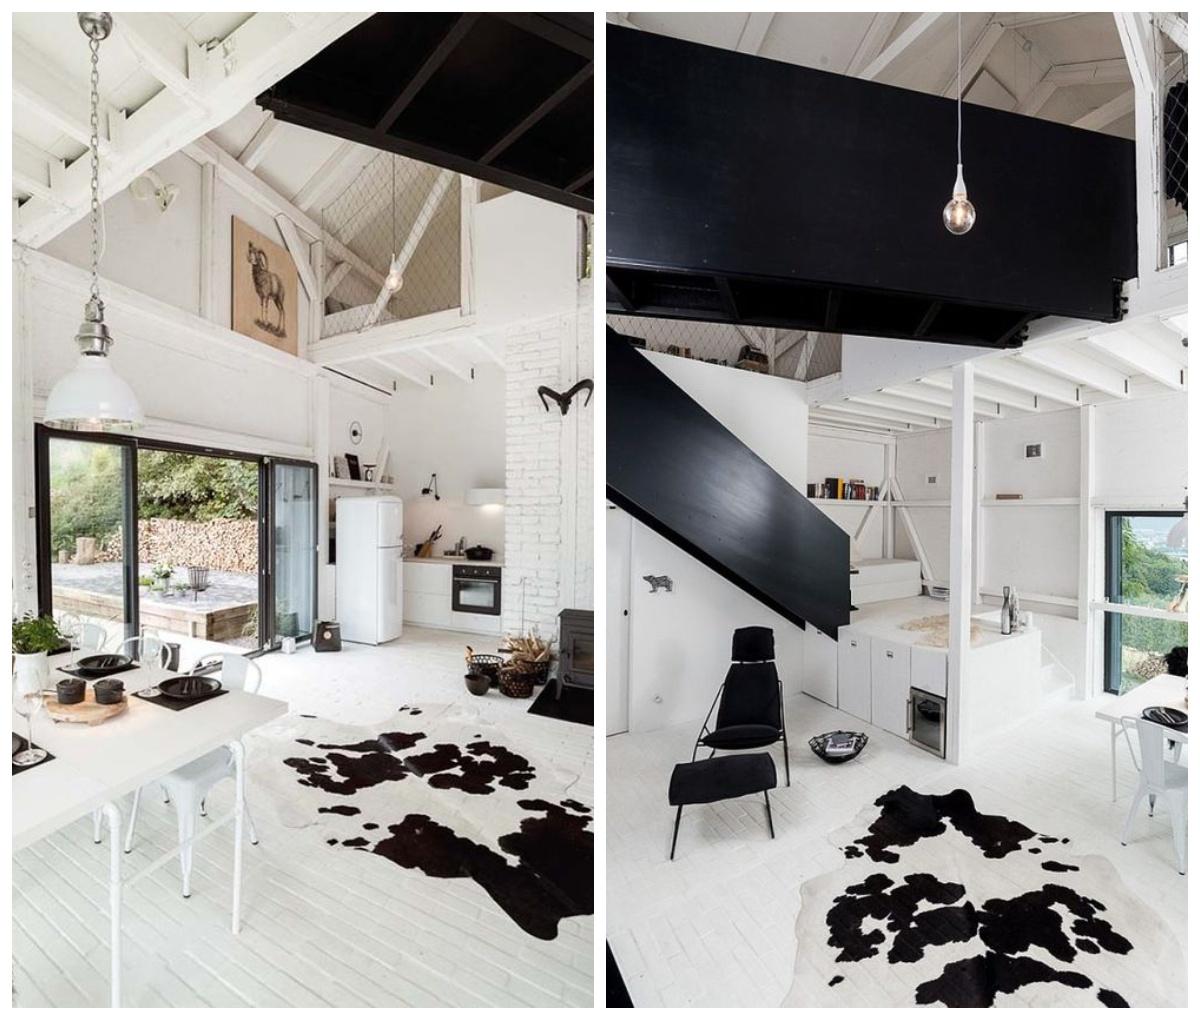 Biało czarny dom z antresolą